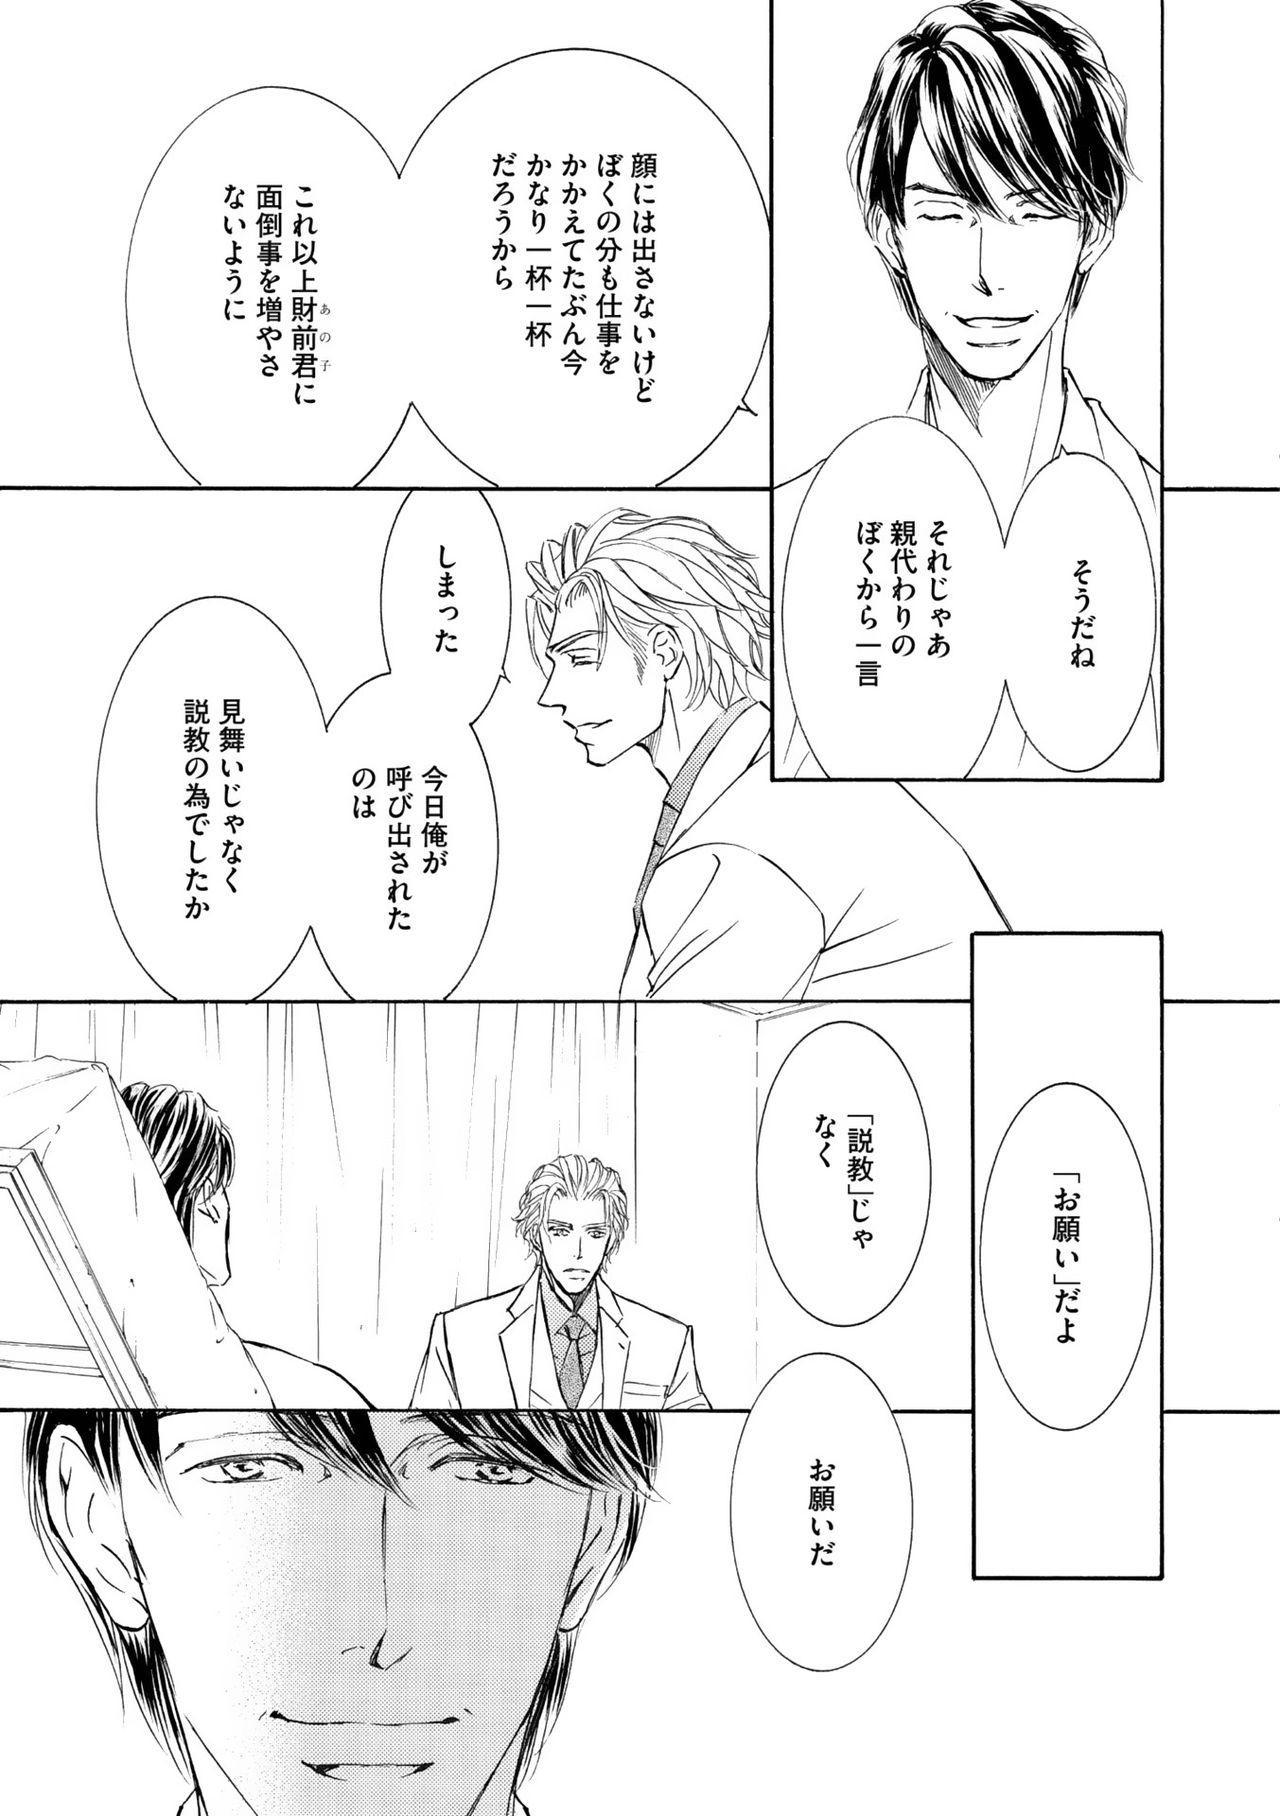 Dear+ 2017-07 26